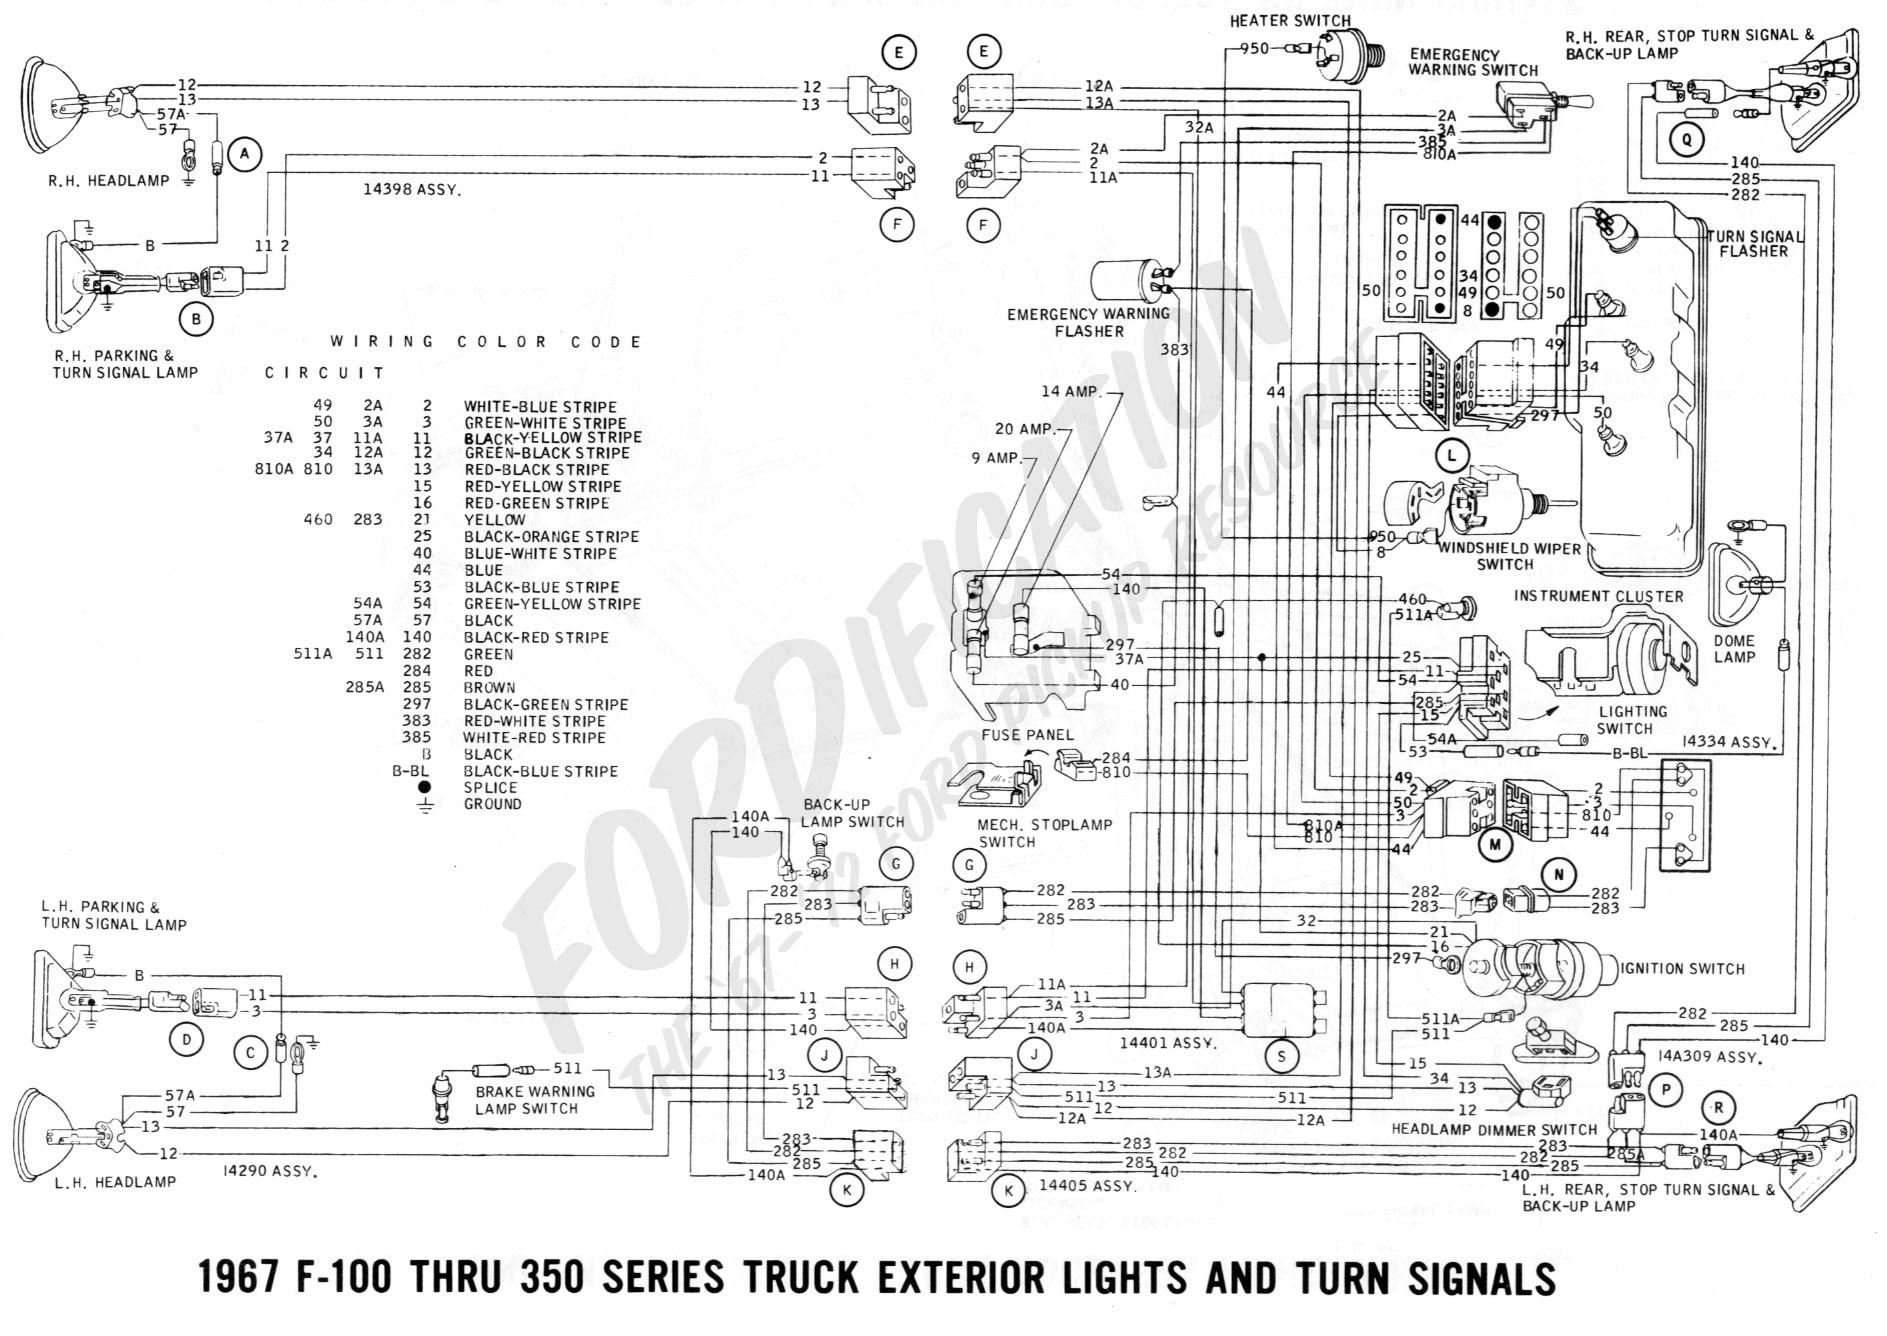 Ford F250 Trailer Wiring Diagram 77 ford F250 Wiring